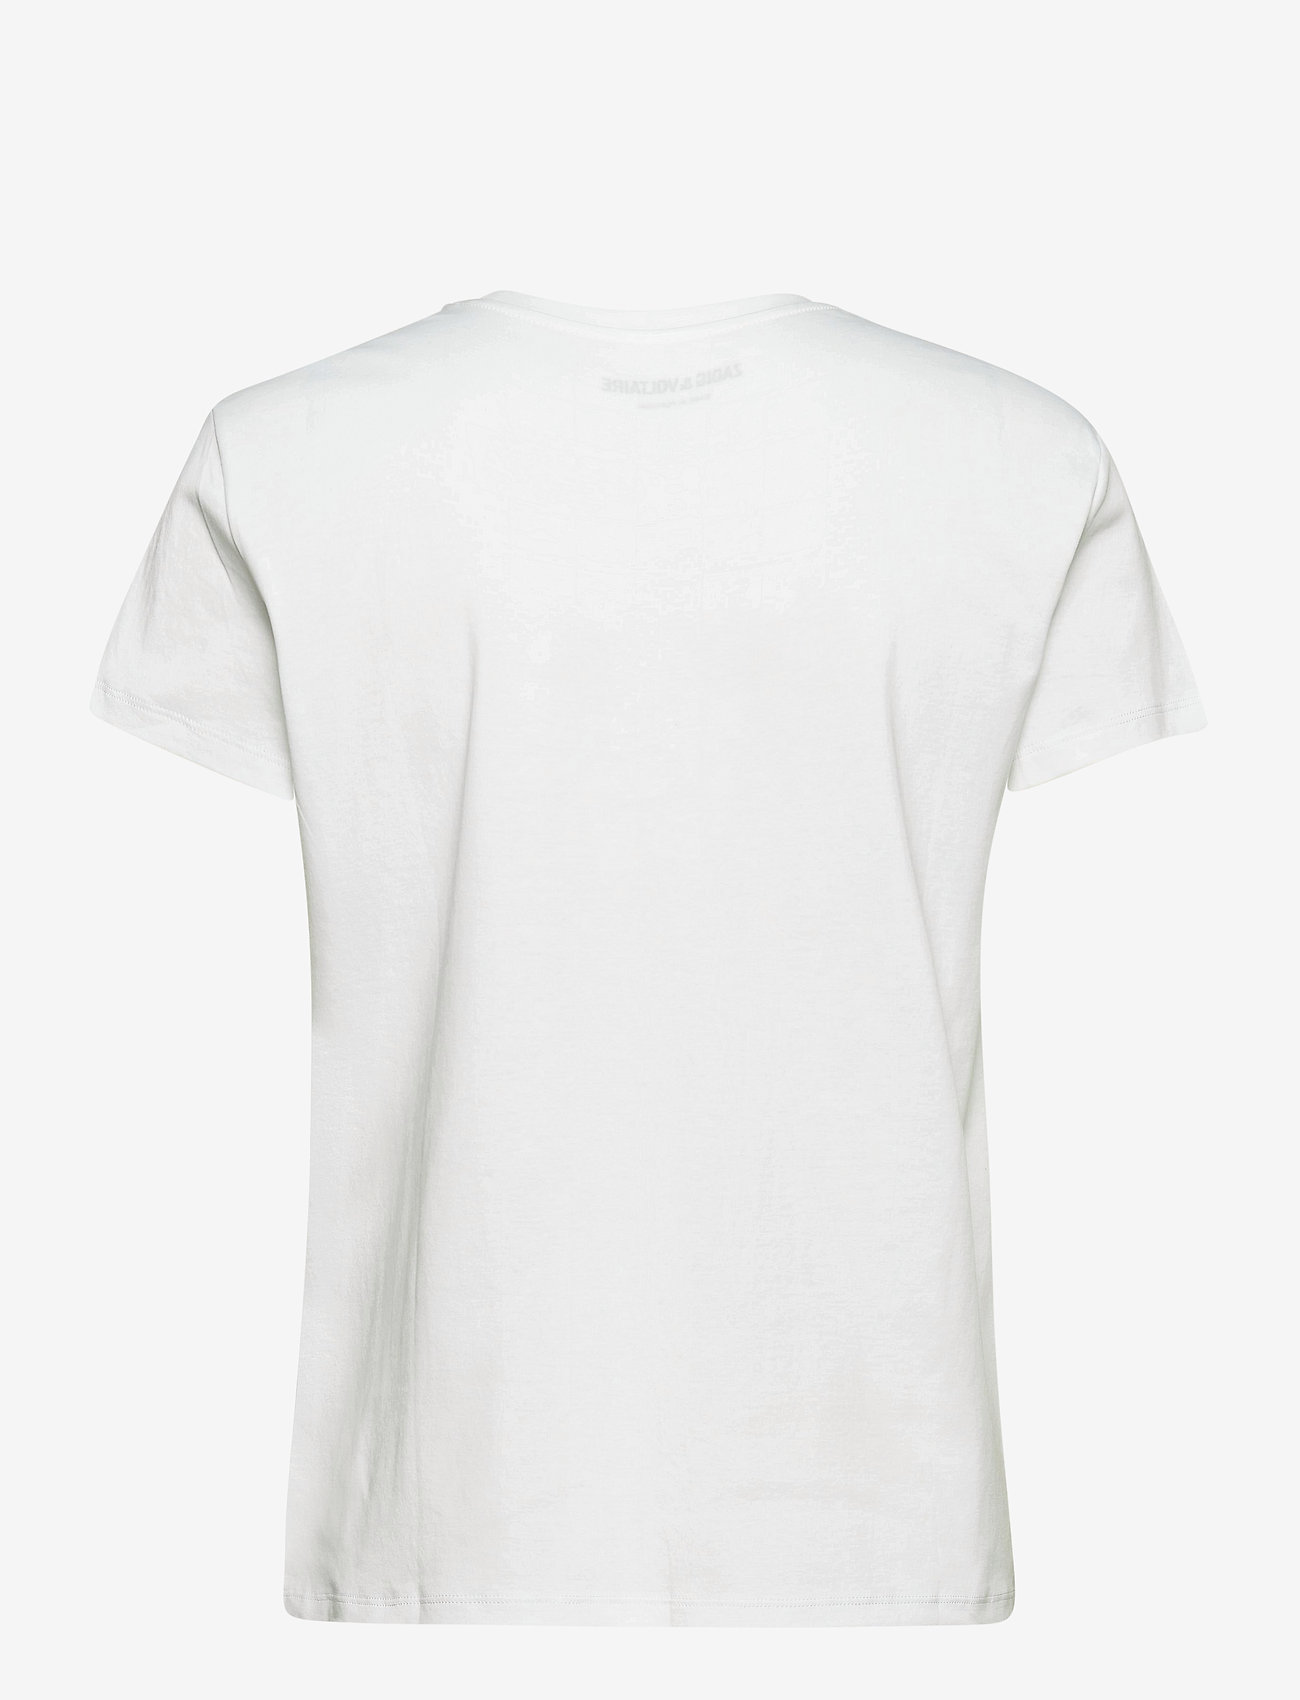 Zadig & Voltaire - ZOE BLASON GLITTER COTTON T-SHIRT - t-shirts - white - 2